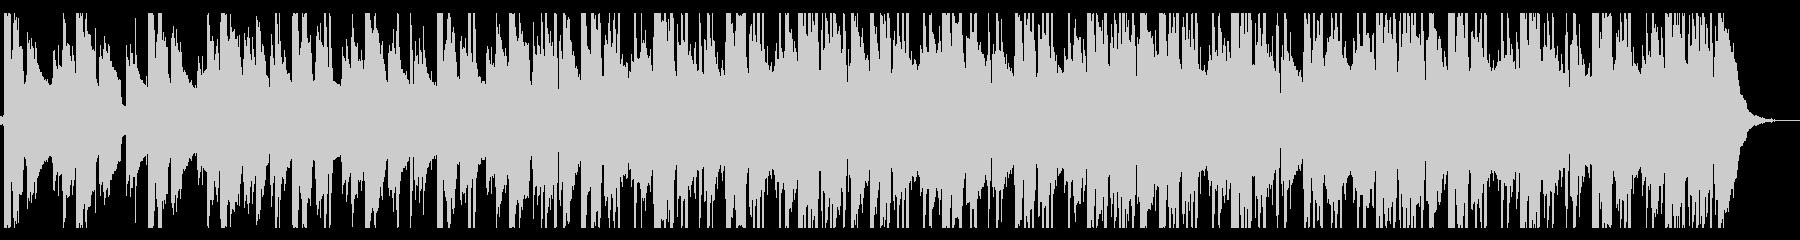 ラジオ/ローファイ_No396_2の未再生の波形